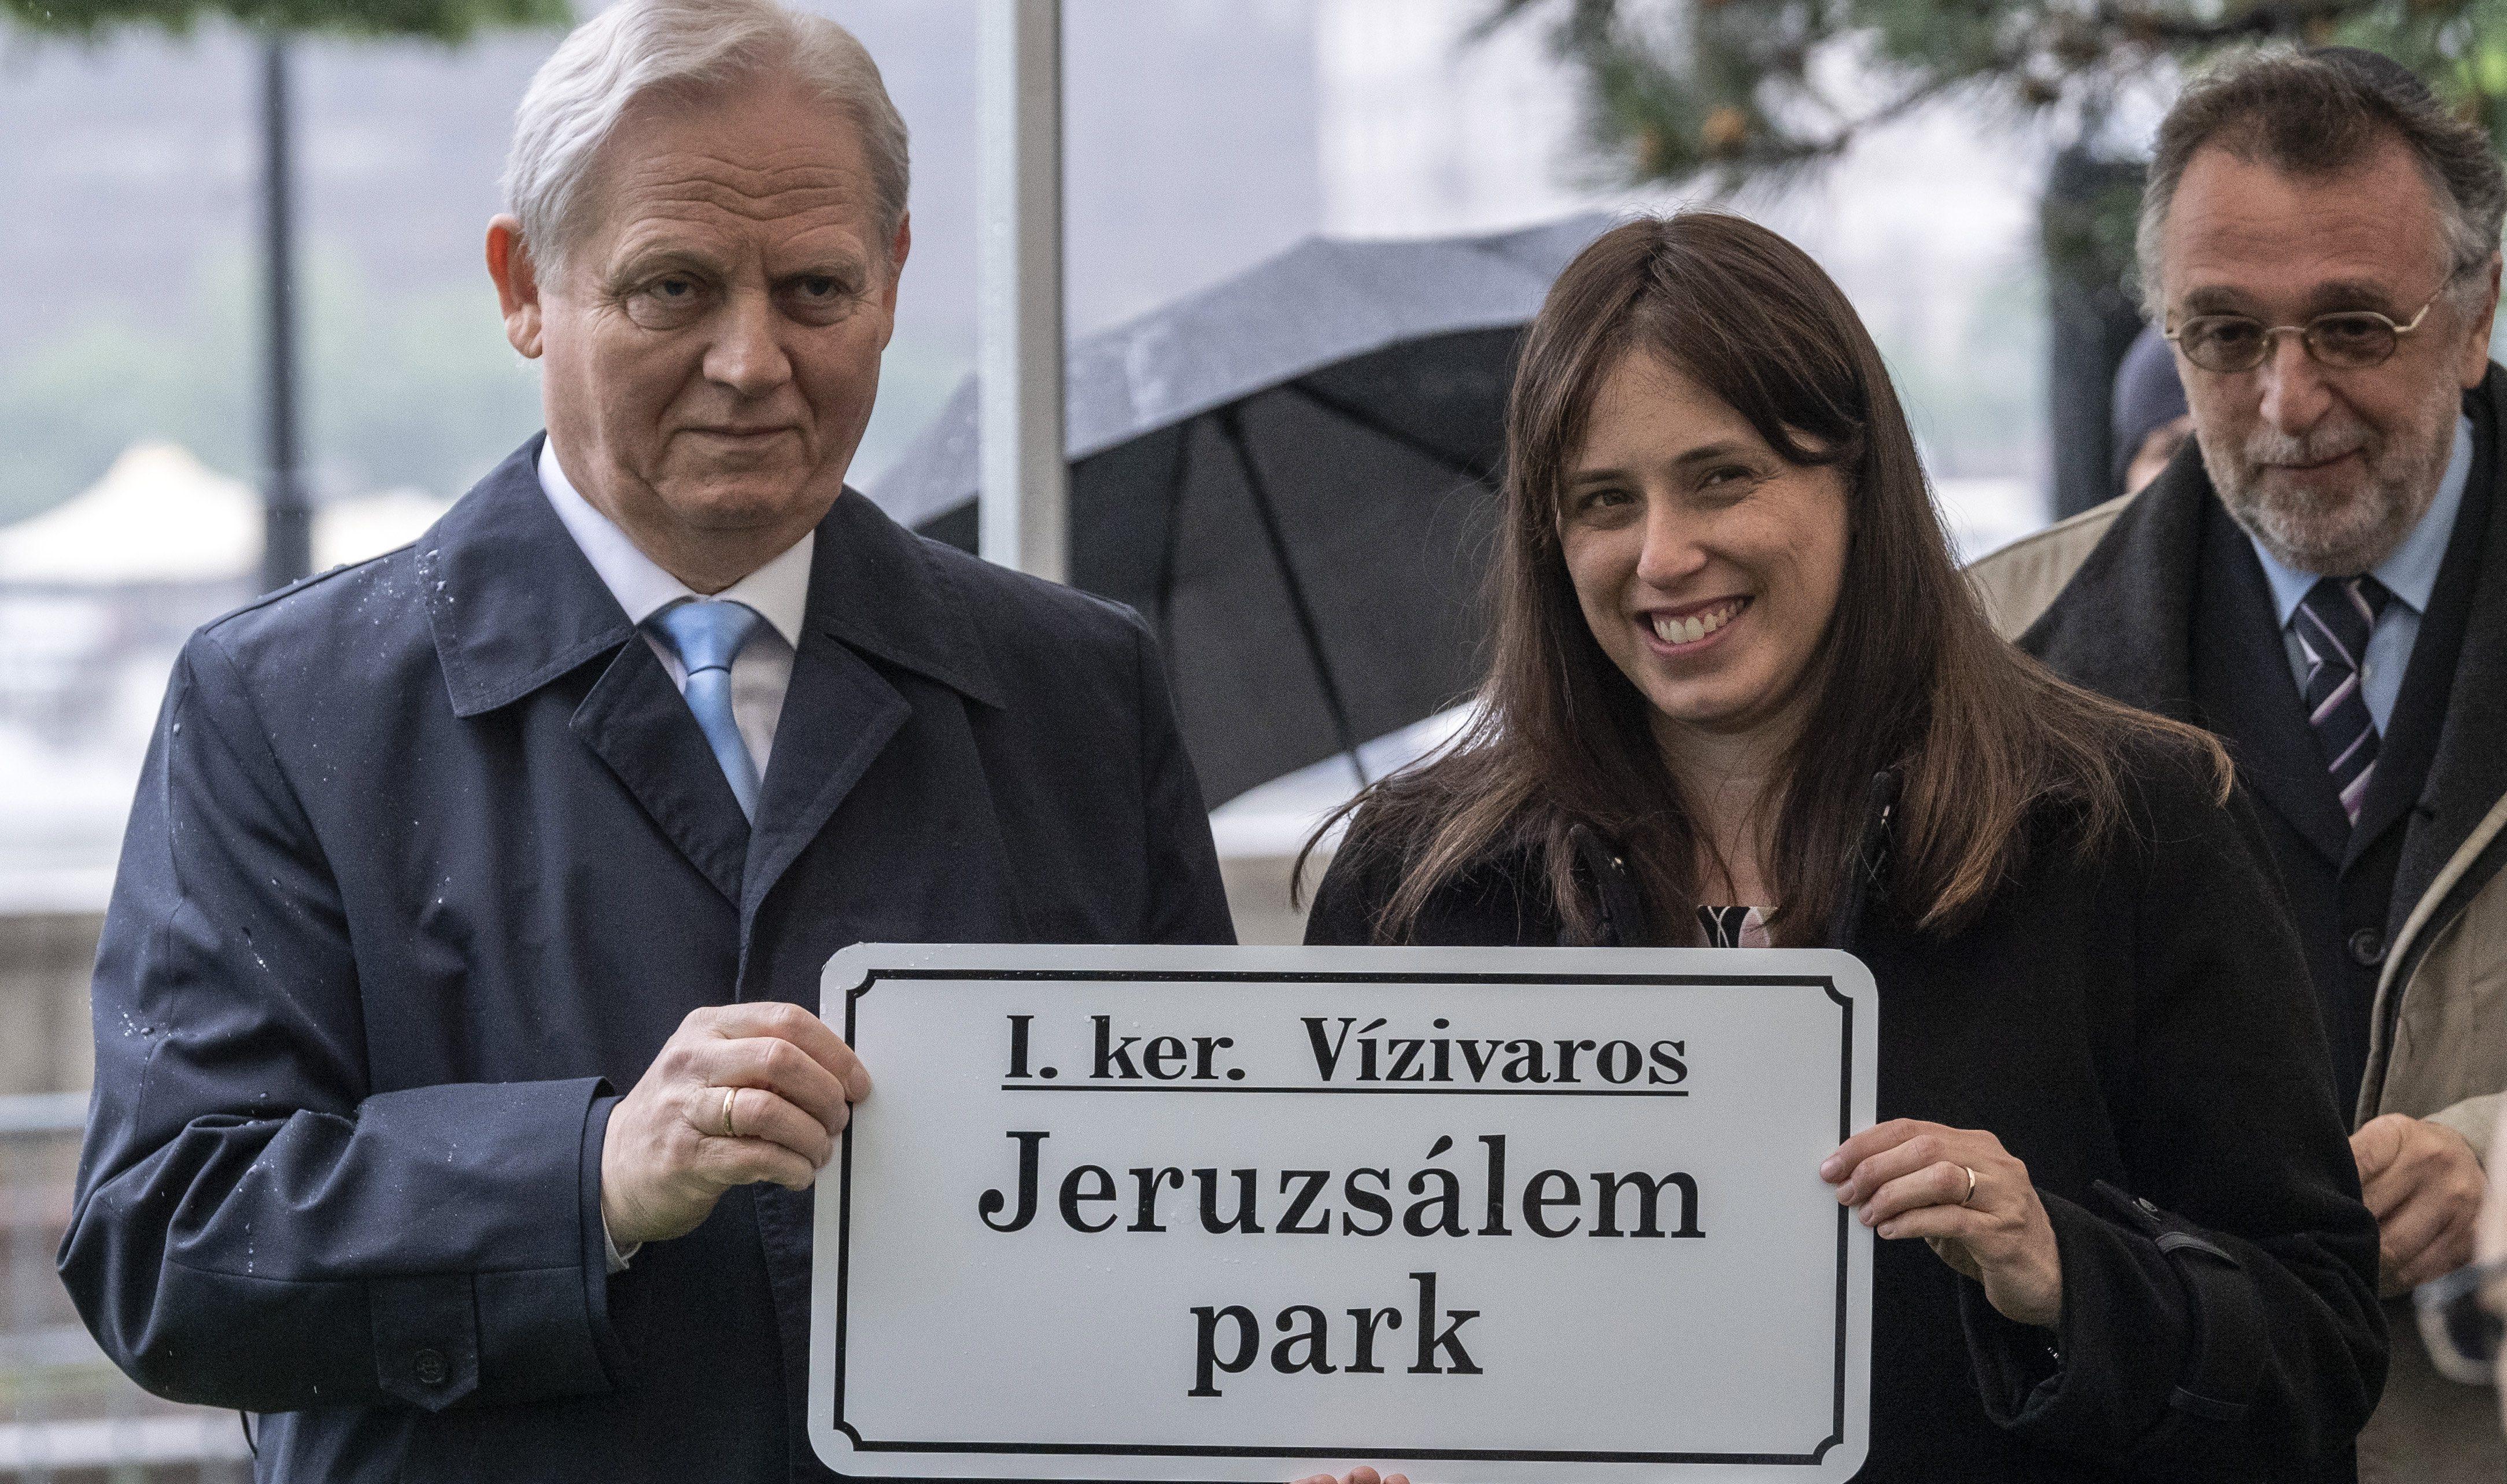 jerusalem park budapest hungary